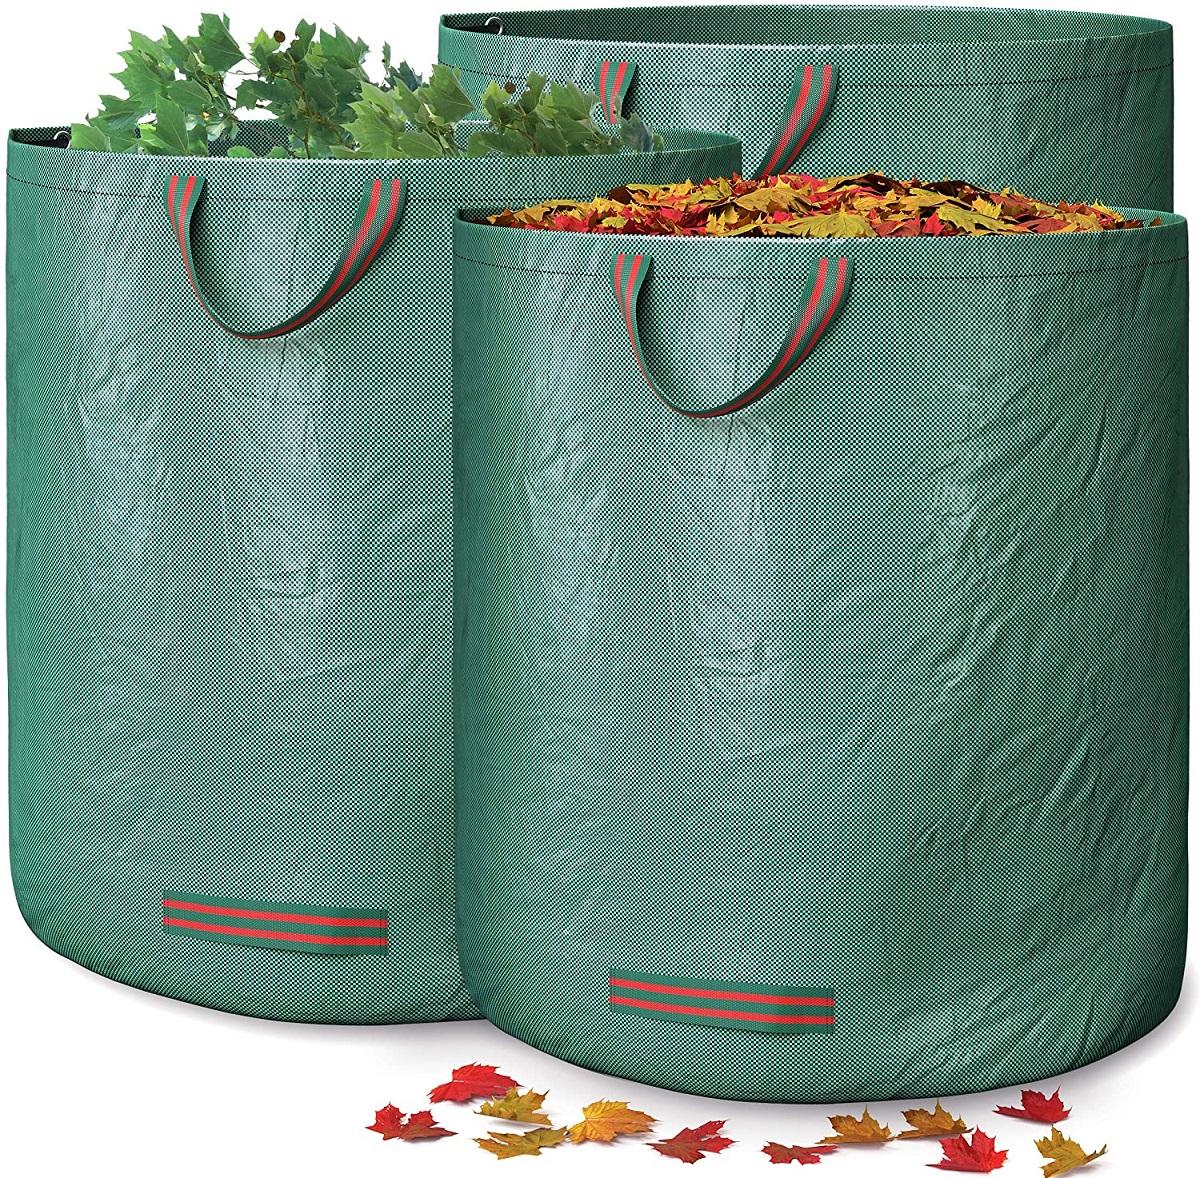 sacchi da rifiuti per giardino